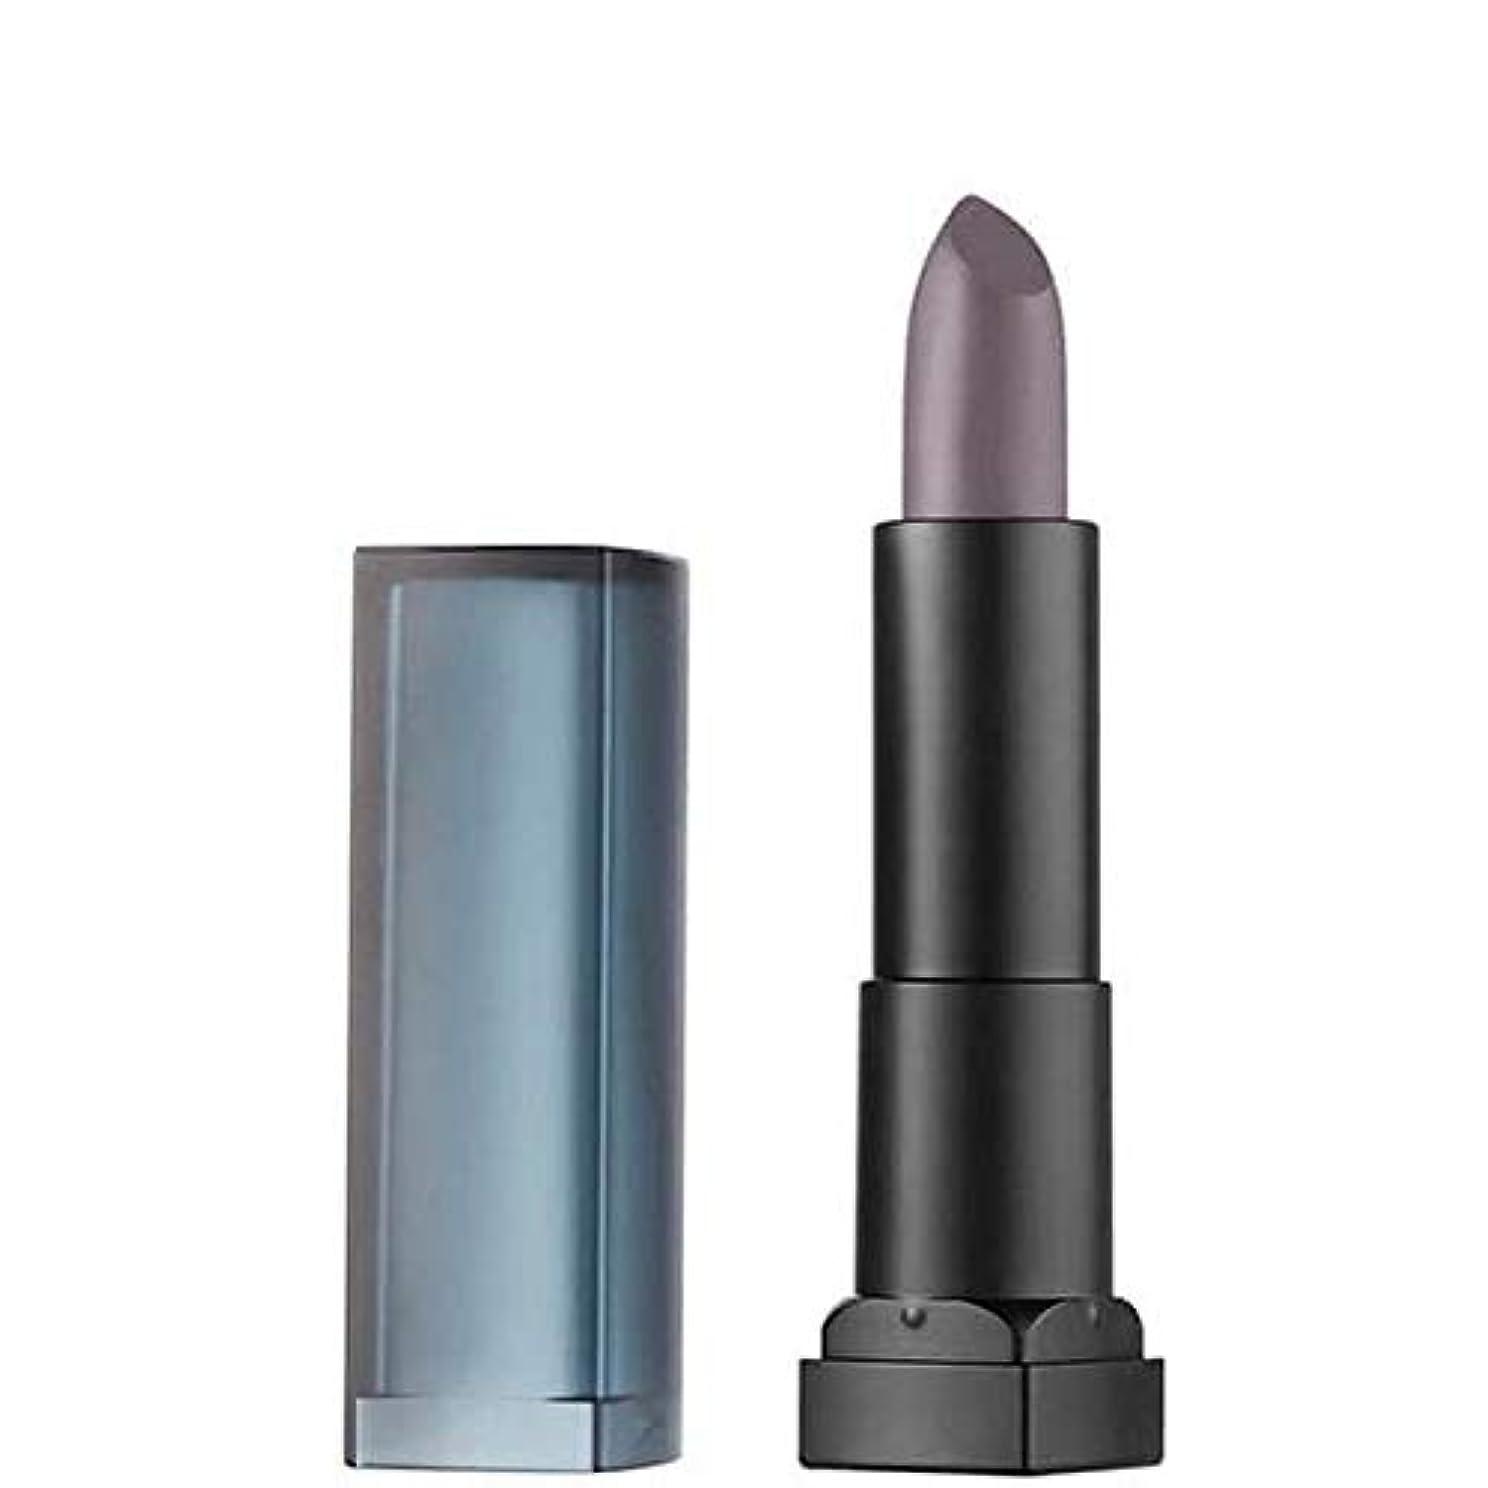 故国ペンダントケーブルカー[Maybelline ] メイベリンカラー扇情的なマットな口紅25冷却グレー - Maybelline Color Sensational Matte Lipstick 25 Chilling Grey [並行輸入品]